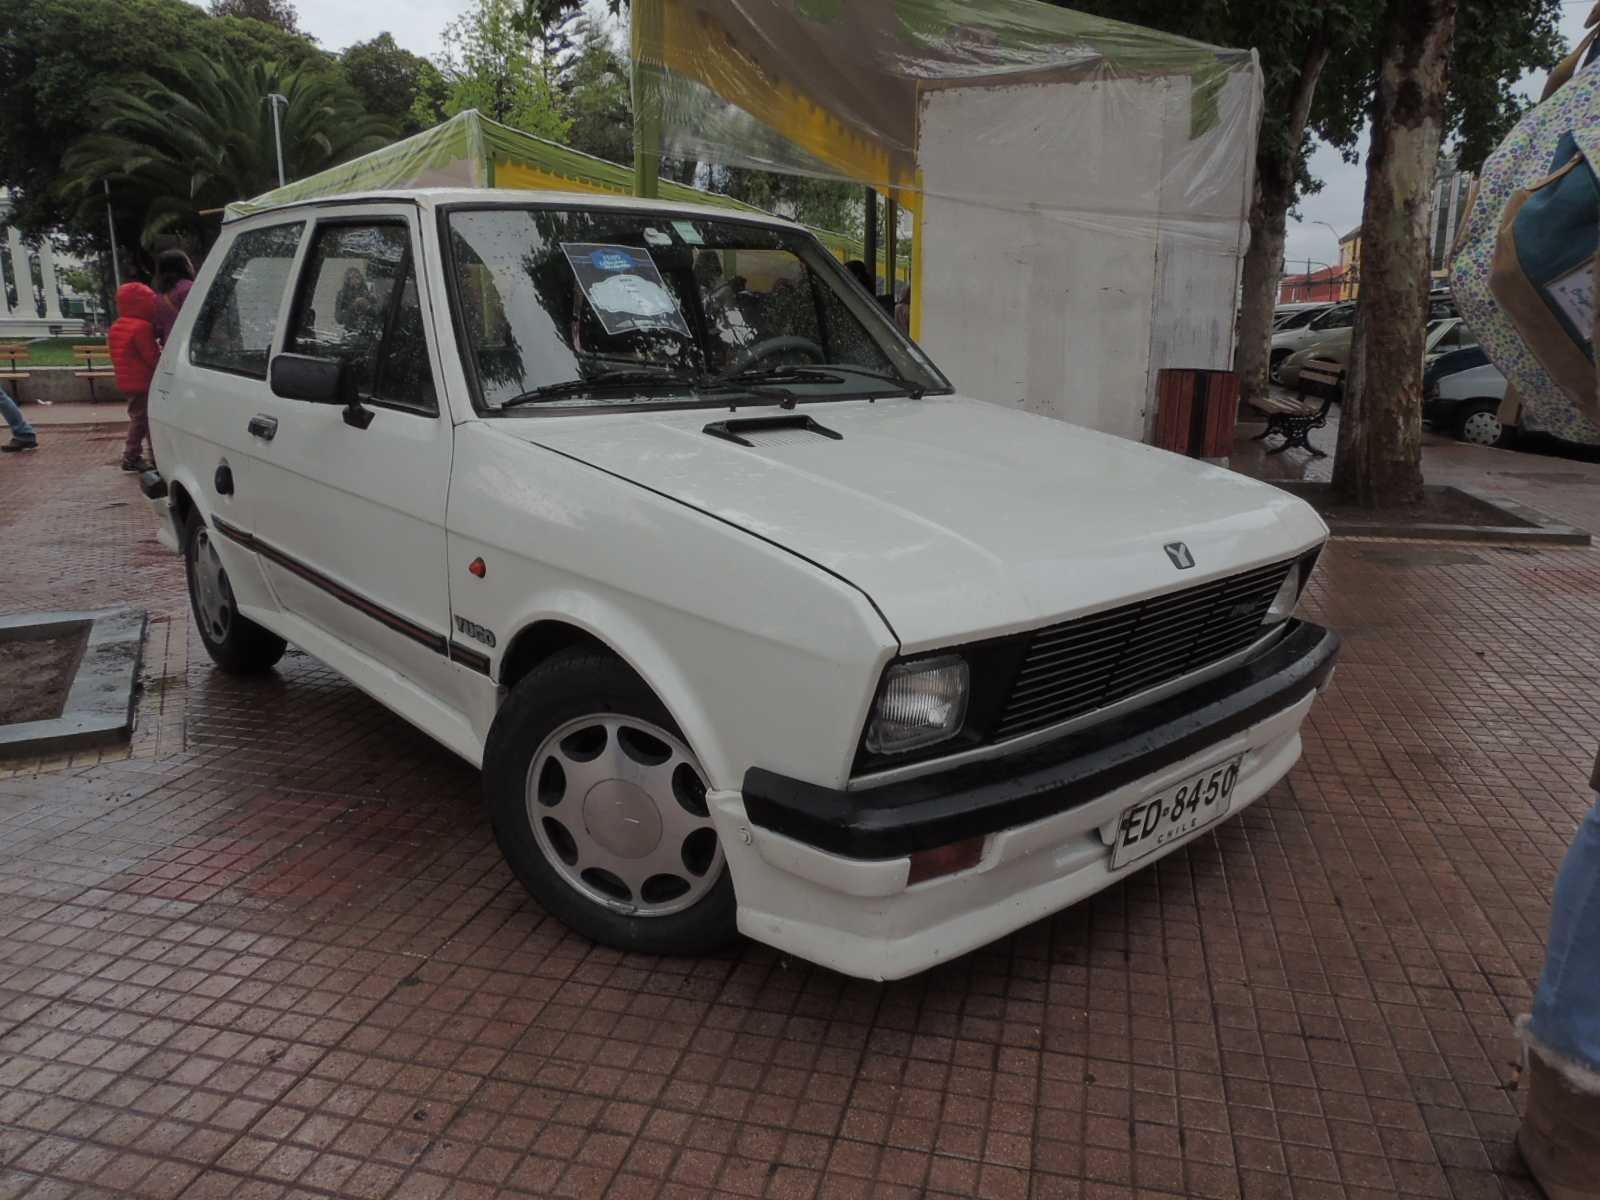 Yugo 55a 1 3l 62 Cv 5mt 1989 Una Historia Muy Particular Rutamotor